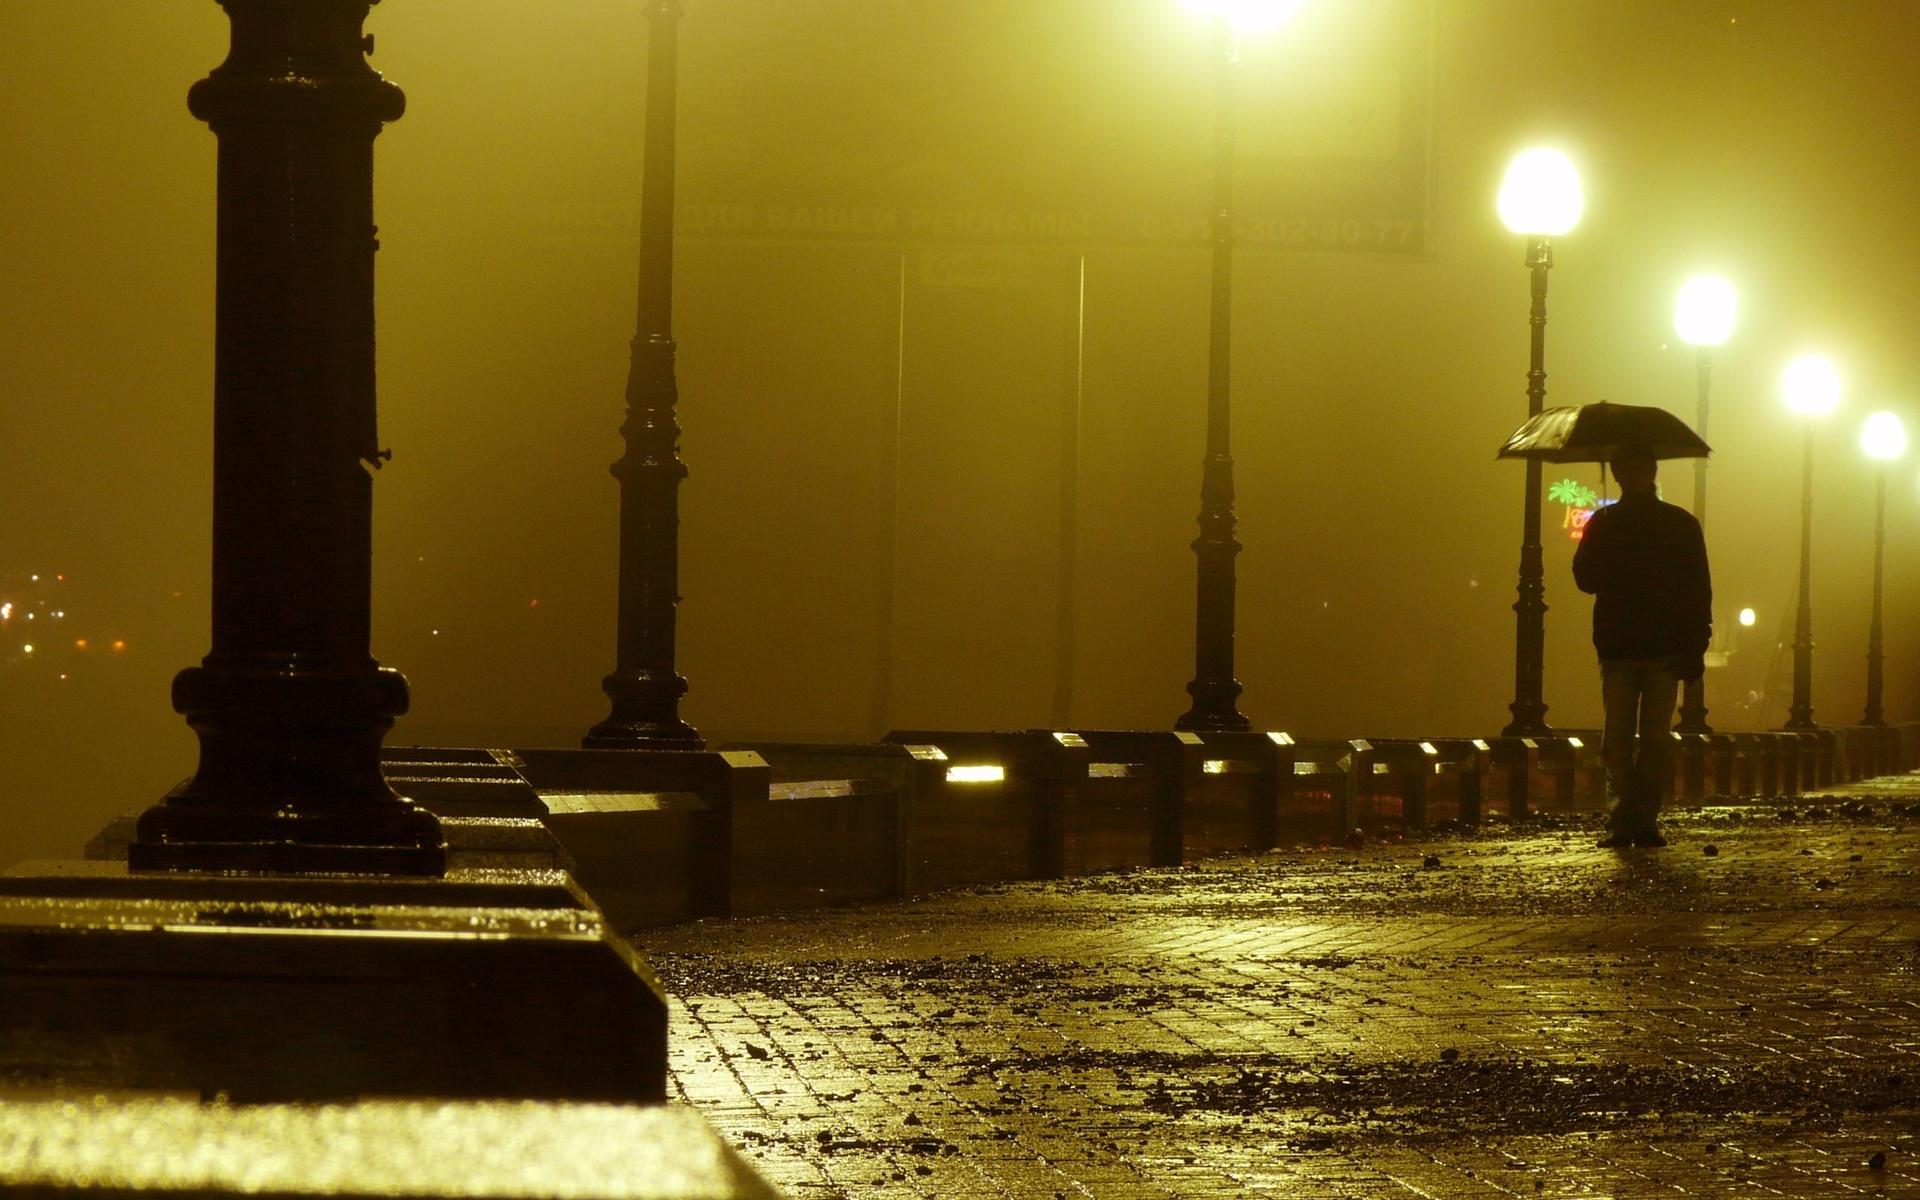 Скучаю тебе, дождь картинки красивые одиночество